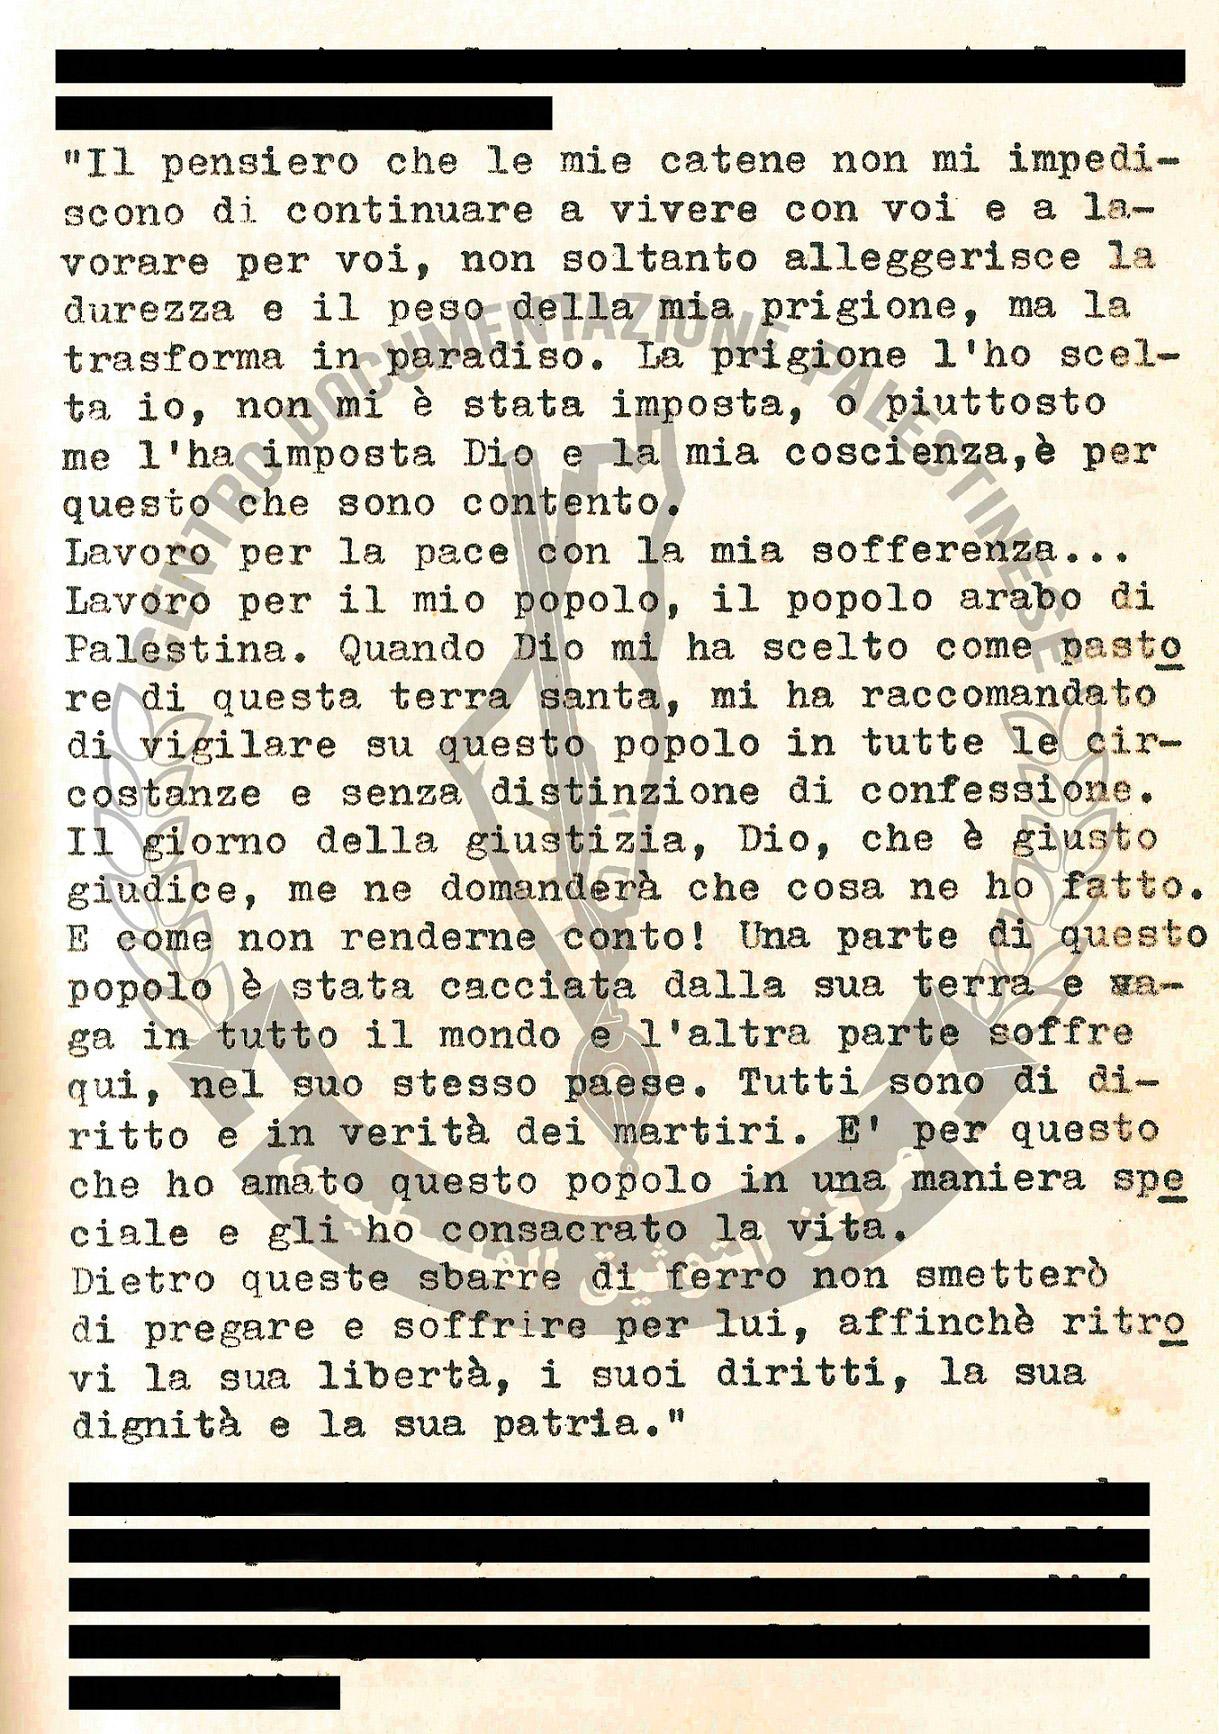 Lettera_Capucci.jpg